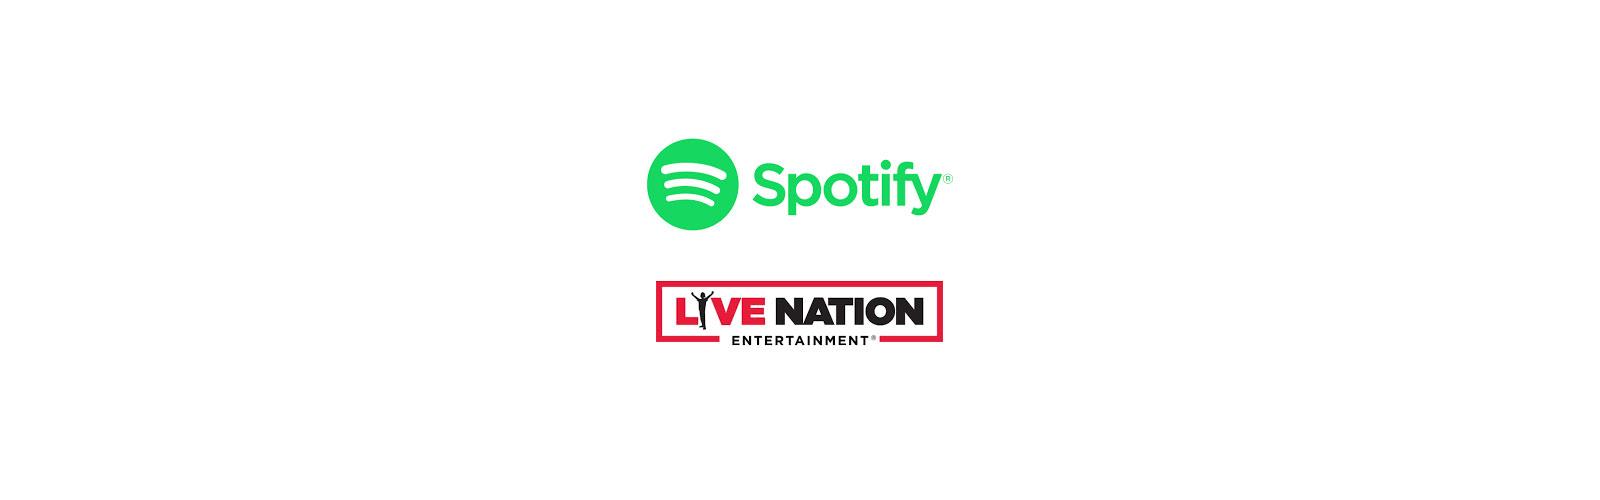 spotify-live-nation